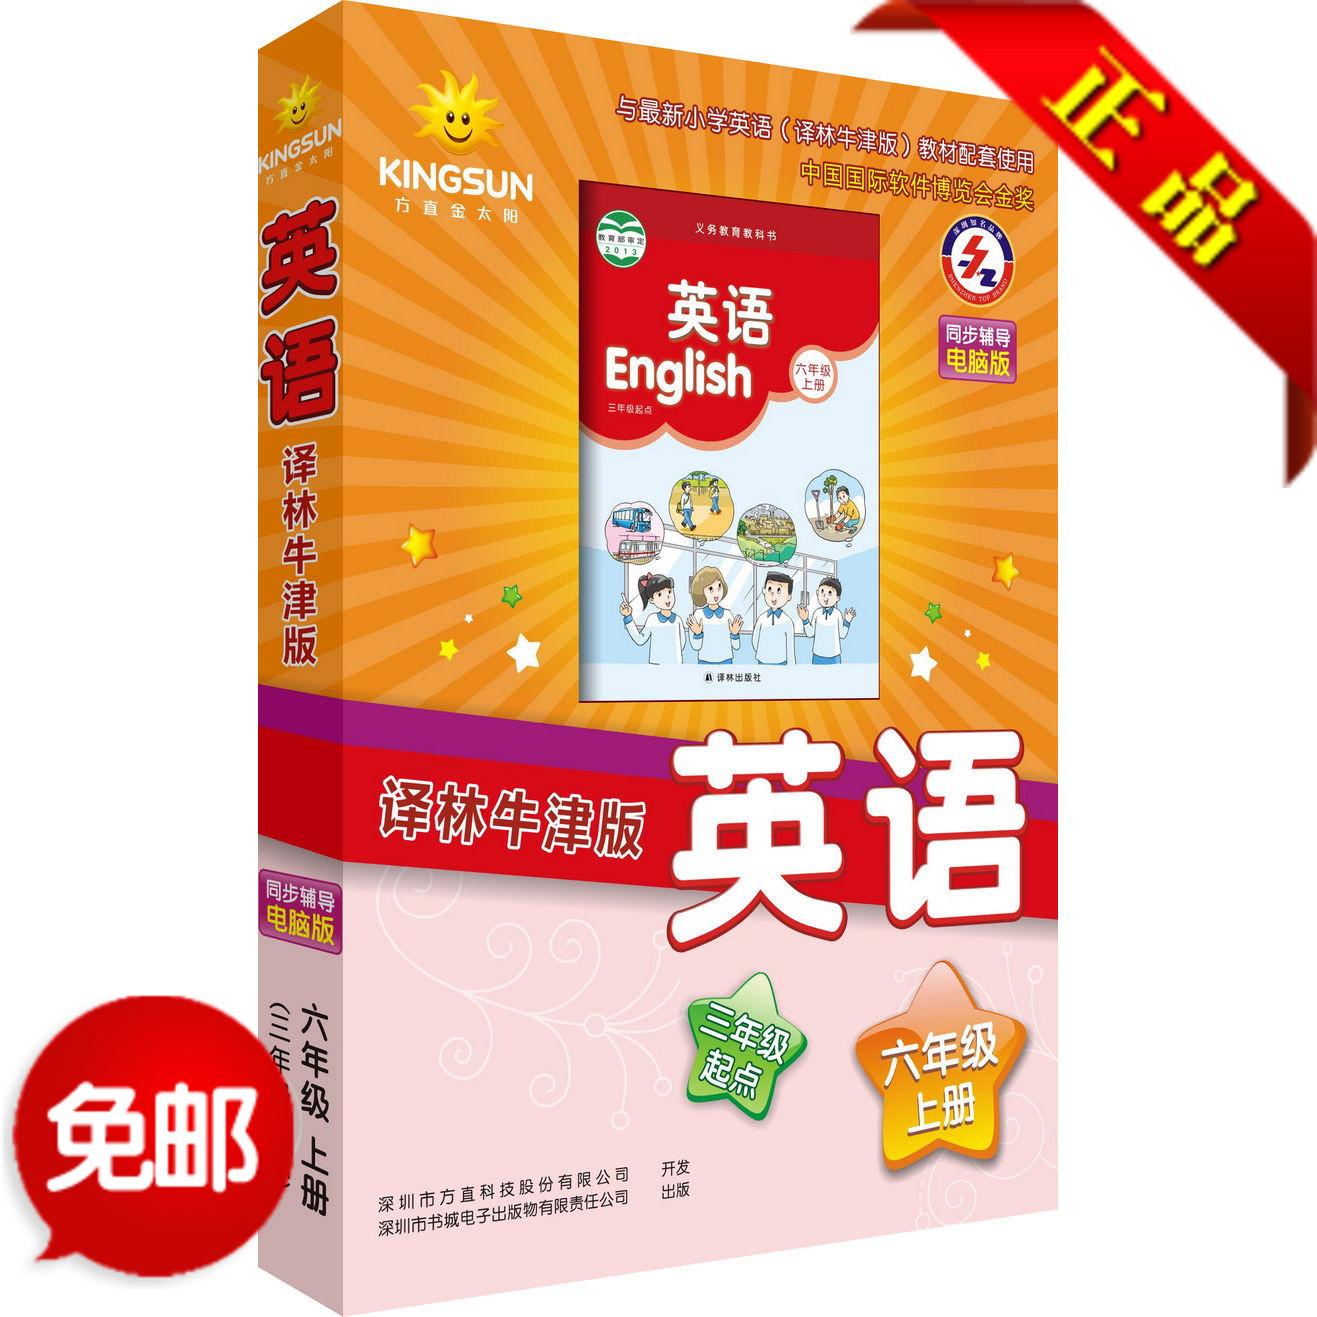 2018金太阳江苏译林牛津小学英语六年级上册软件电脑版送DVD光盘